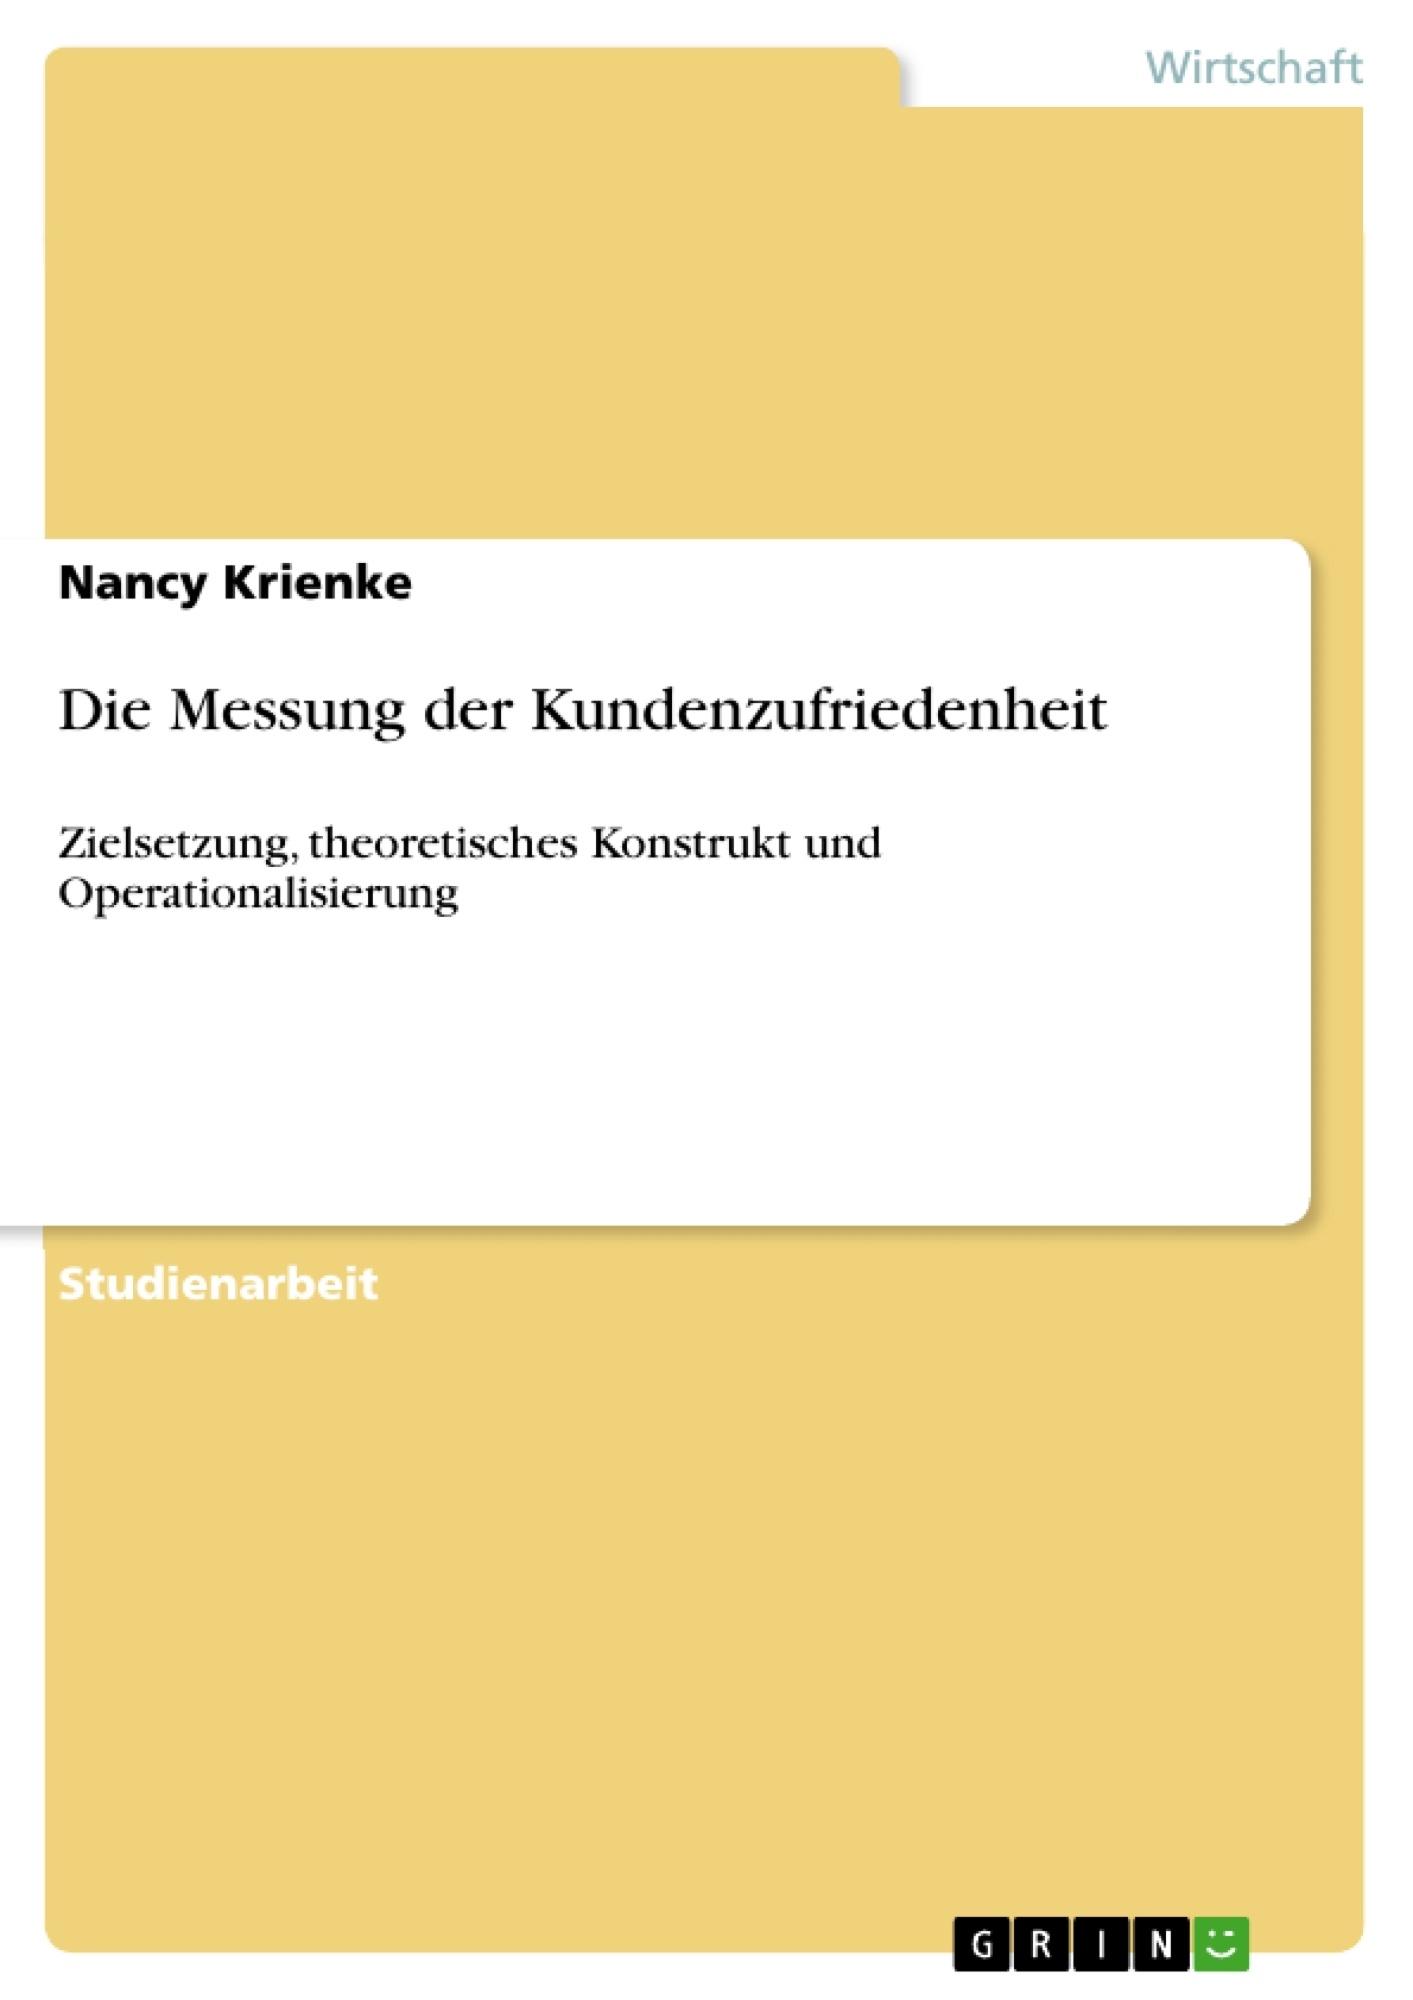 Titel: Die Messung der Kundenzufriedenheit